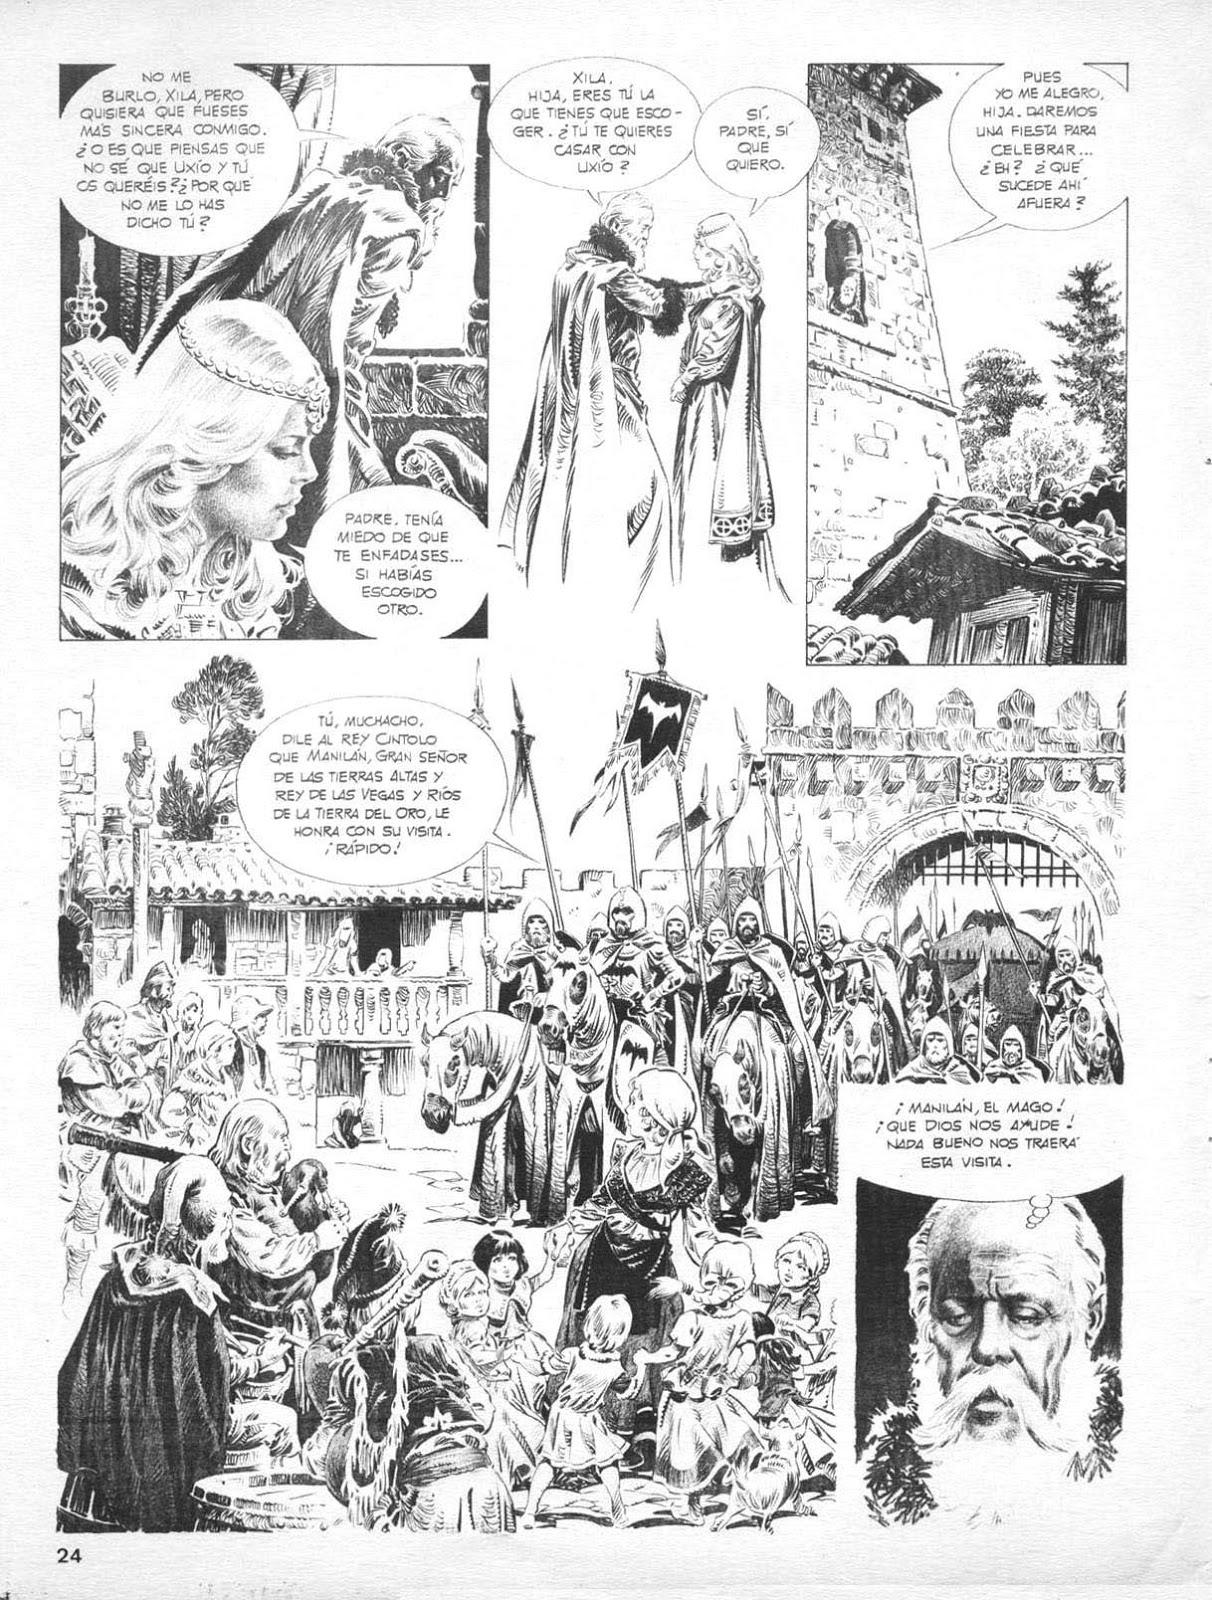 El arte del comic y la ilustración 24